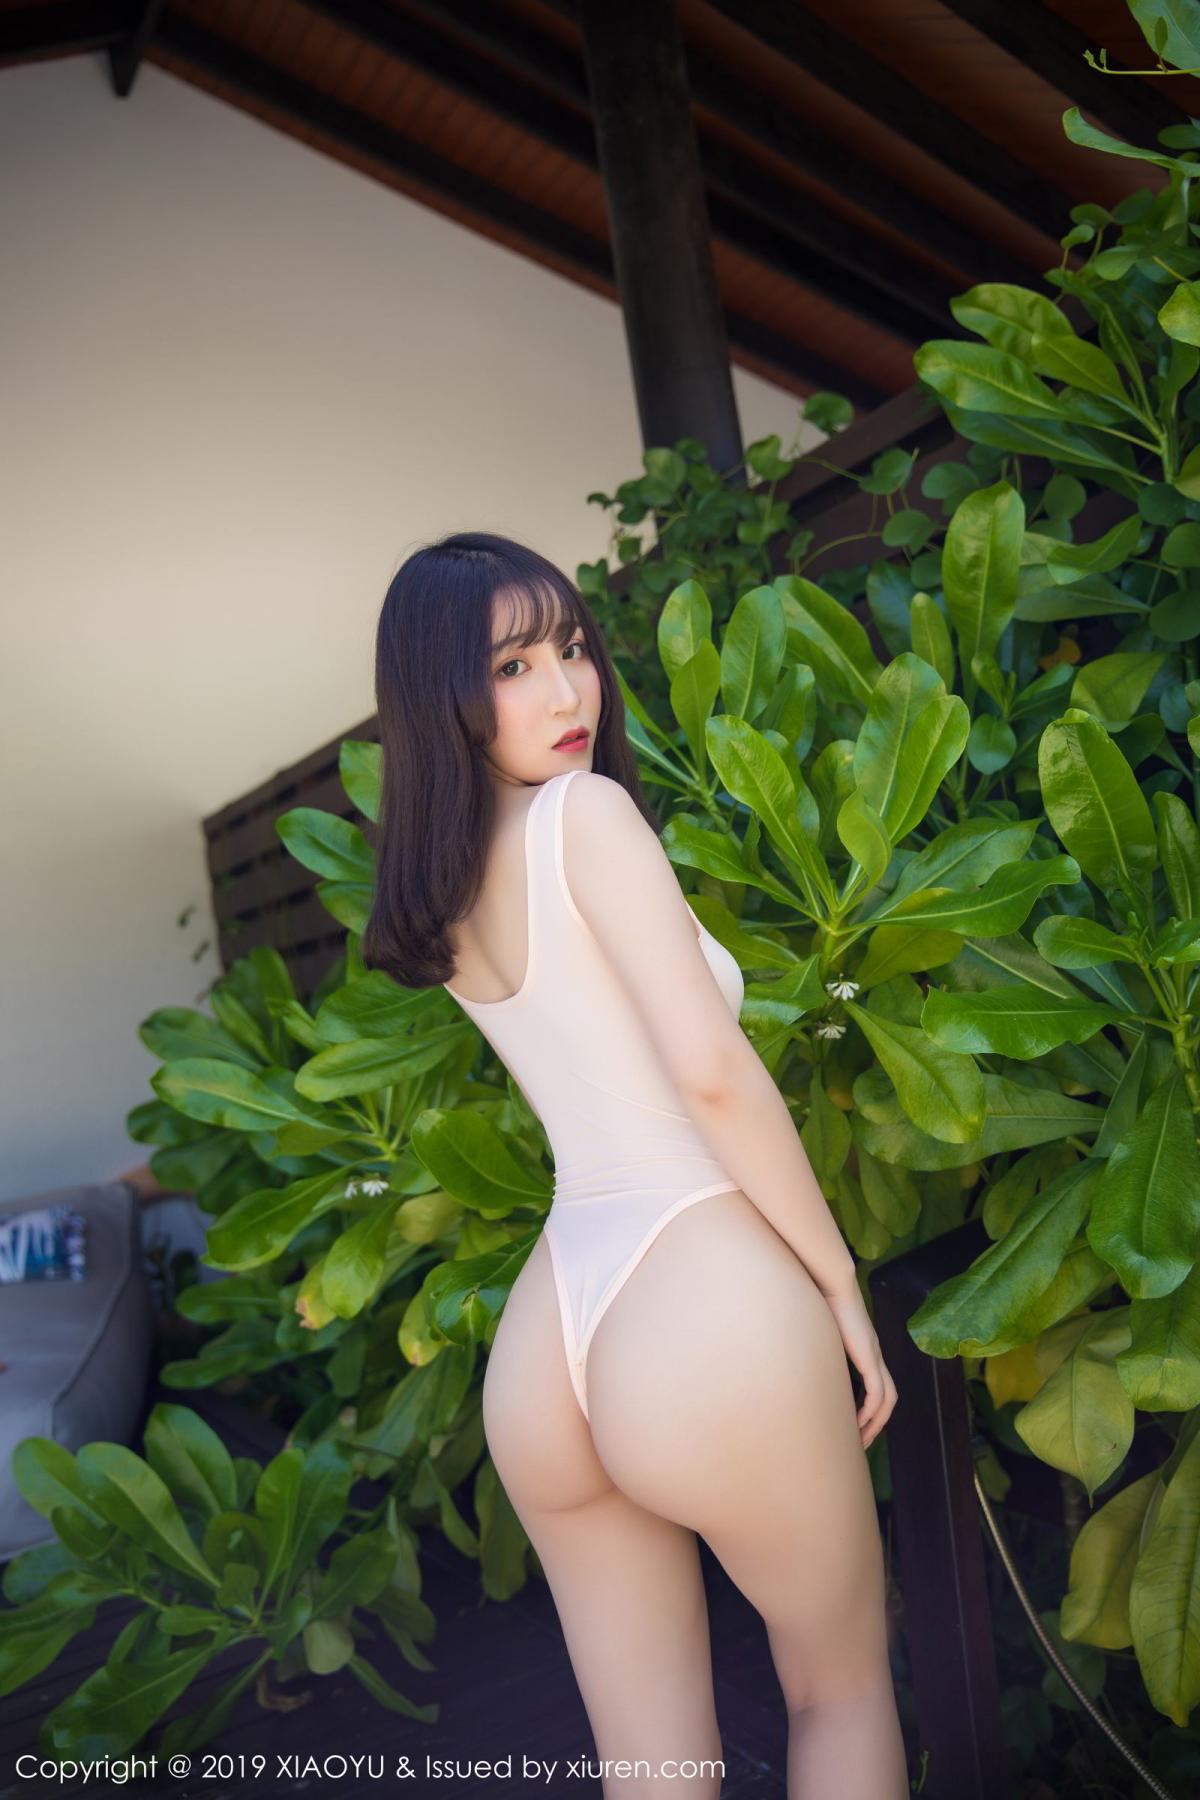 [XiaoYu] Vol.155 Xie Zhi Xin 7P, Bathroom, Big Booty, Wet, XiaoYu, Xie Zhi Xin